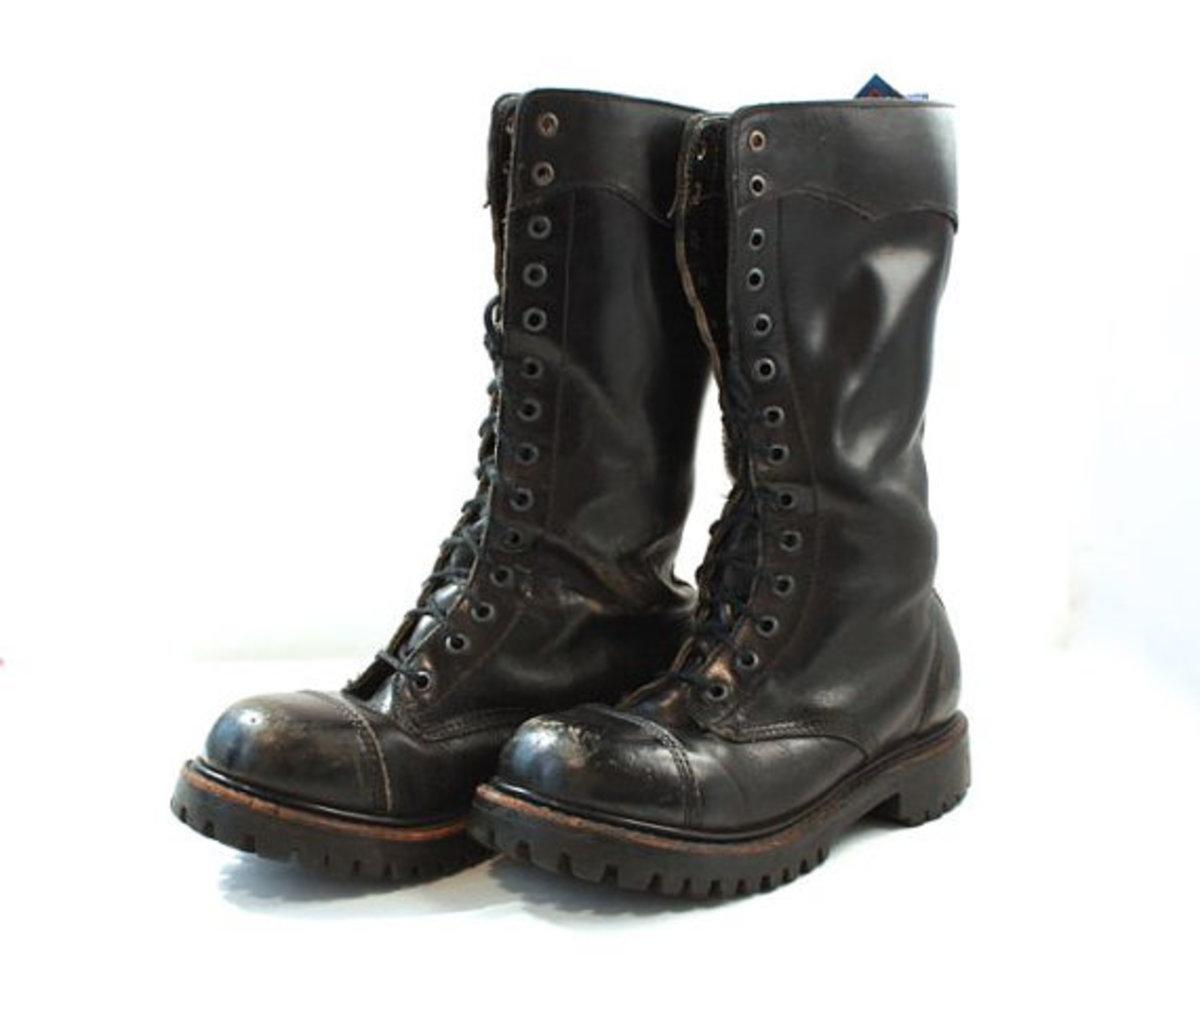 80s Punk Fashion: Combat Boots